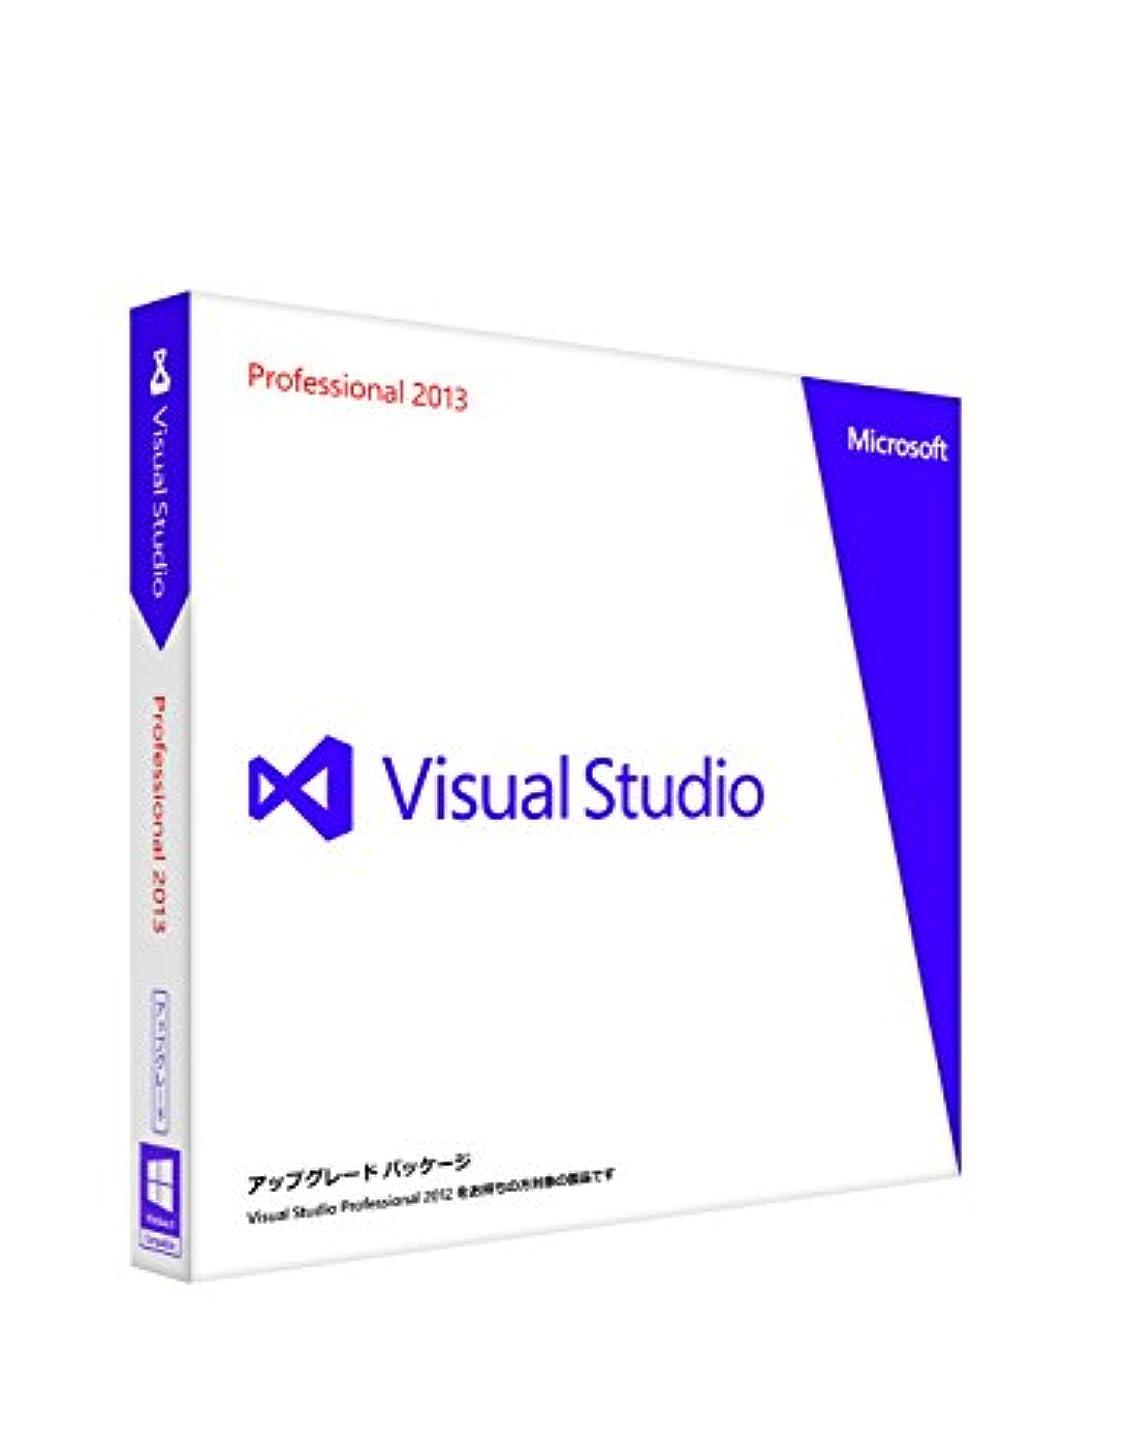 基礎交換害Microsoft Visual Studio Professional 2013 アップグレード版